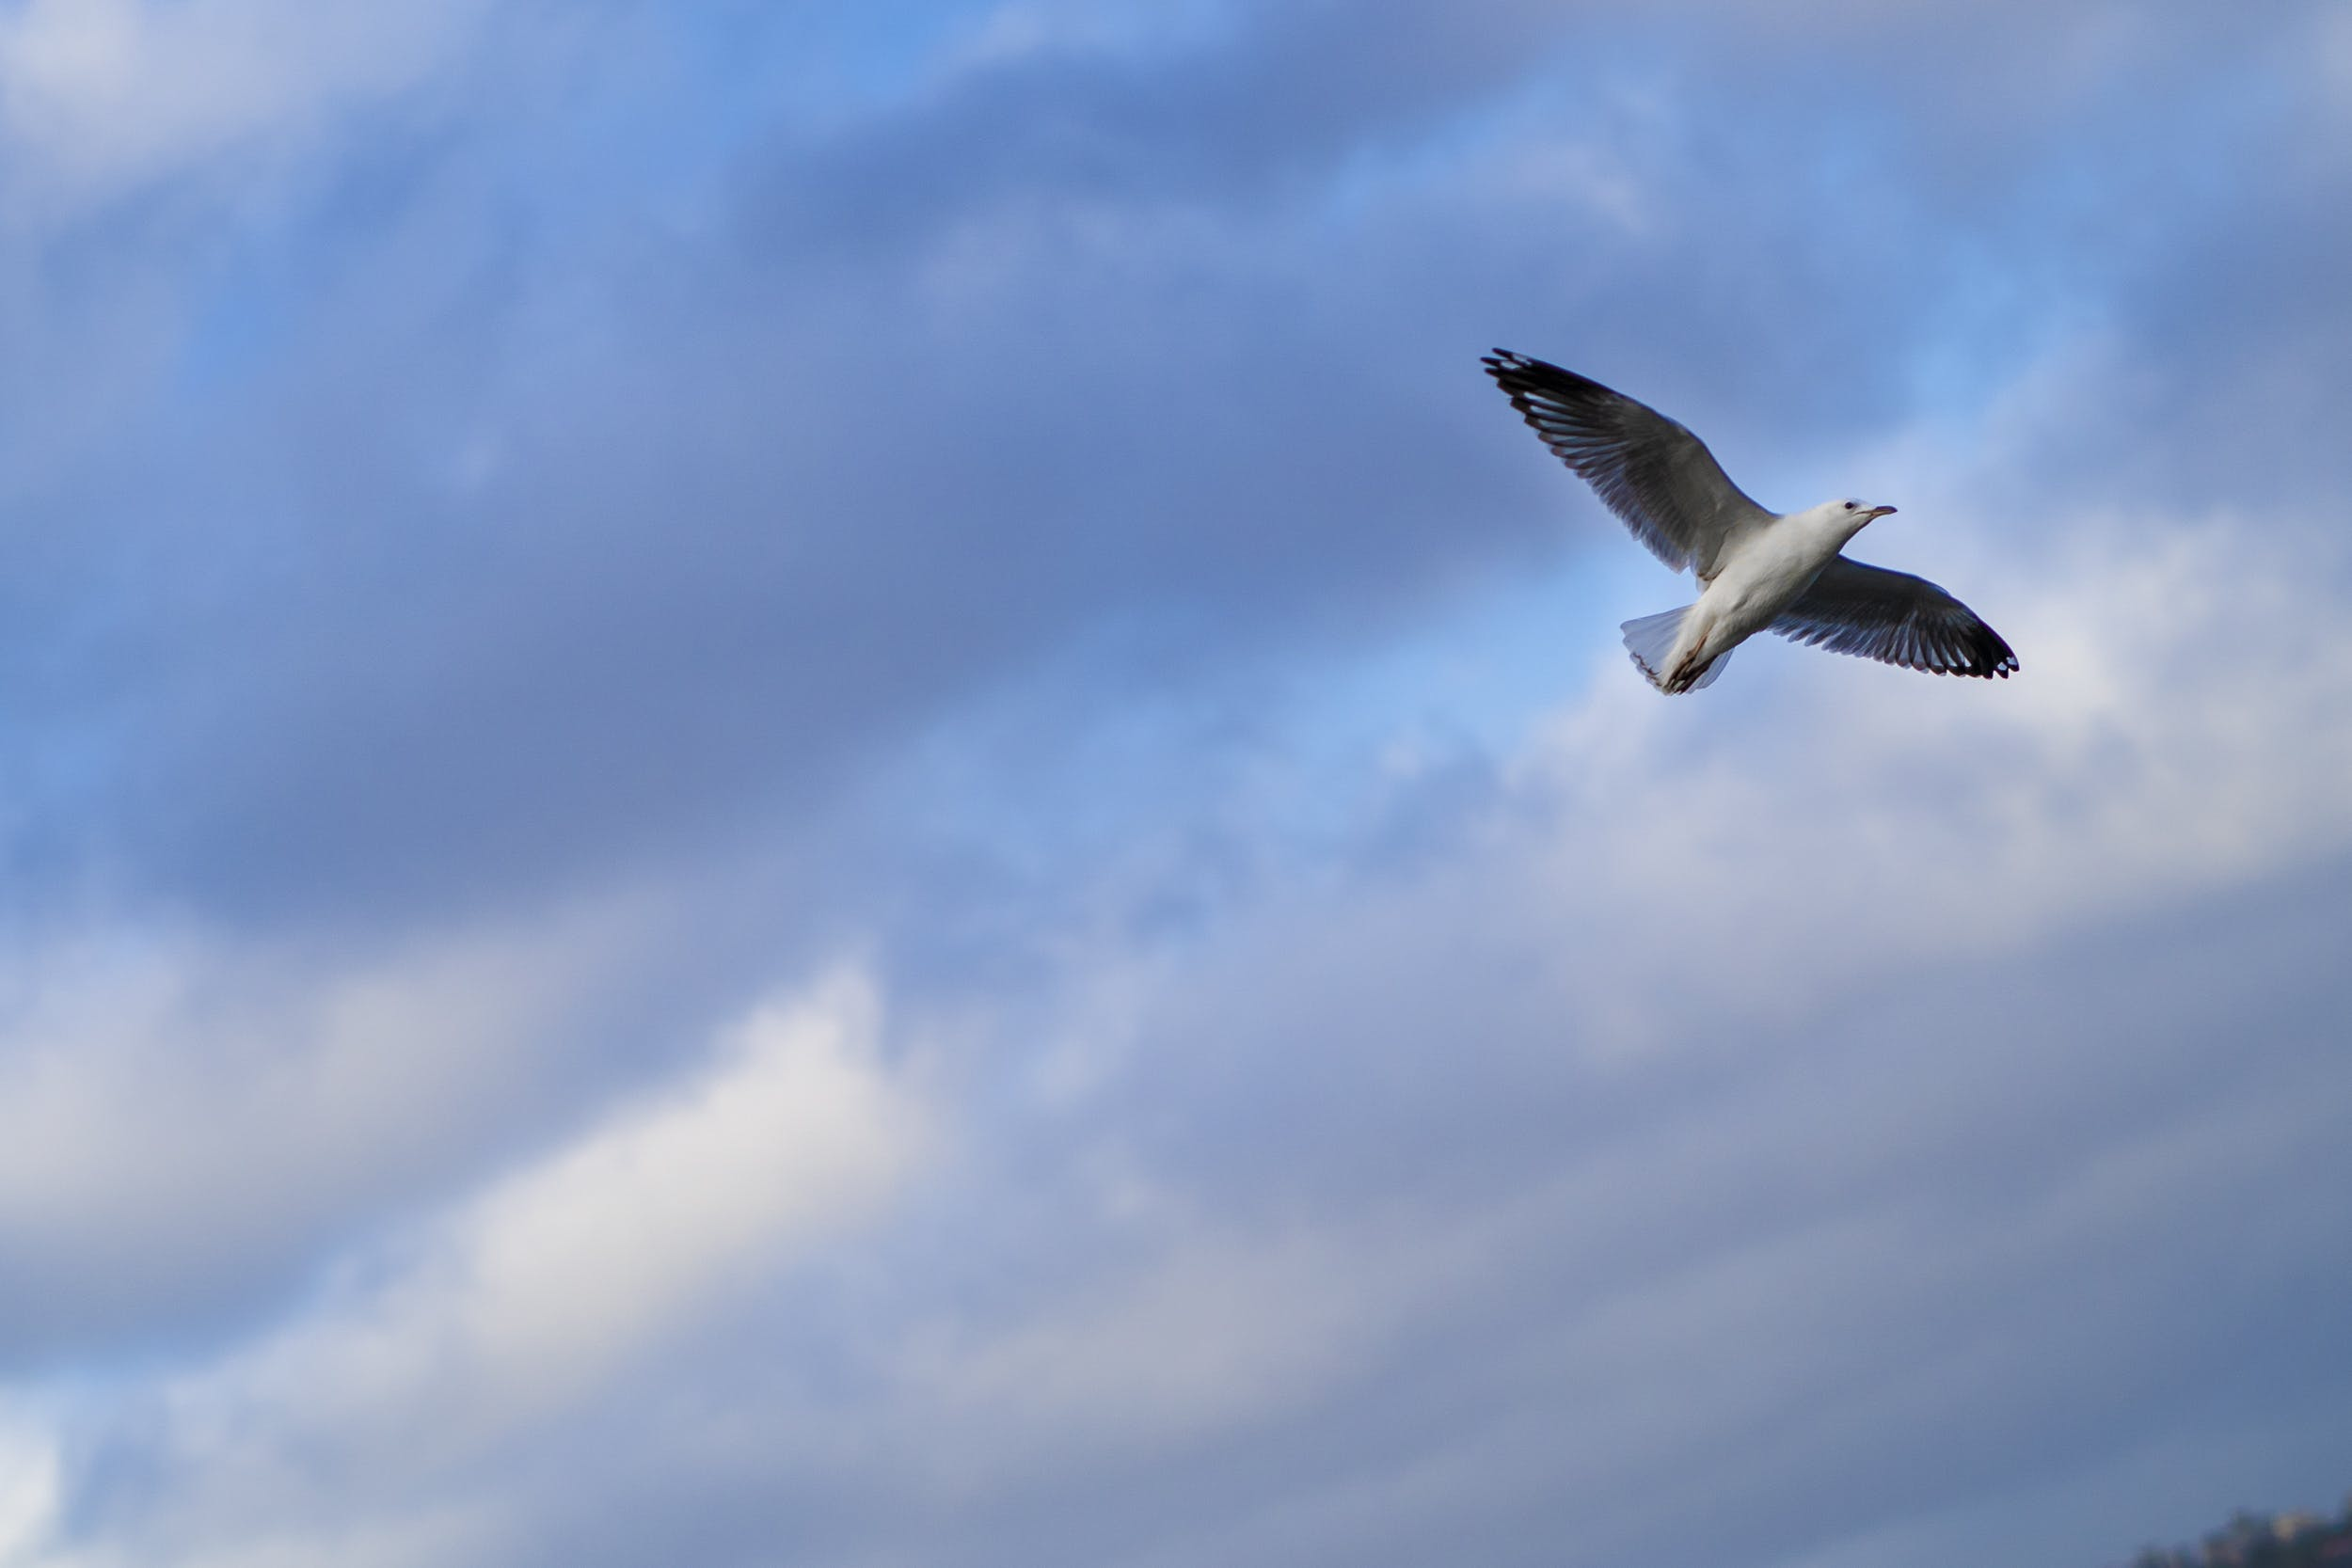 Gratis lagerfoto af dyrefotografering, dyreliv, fjer, flyrejse